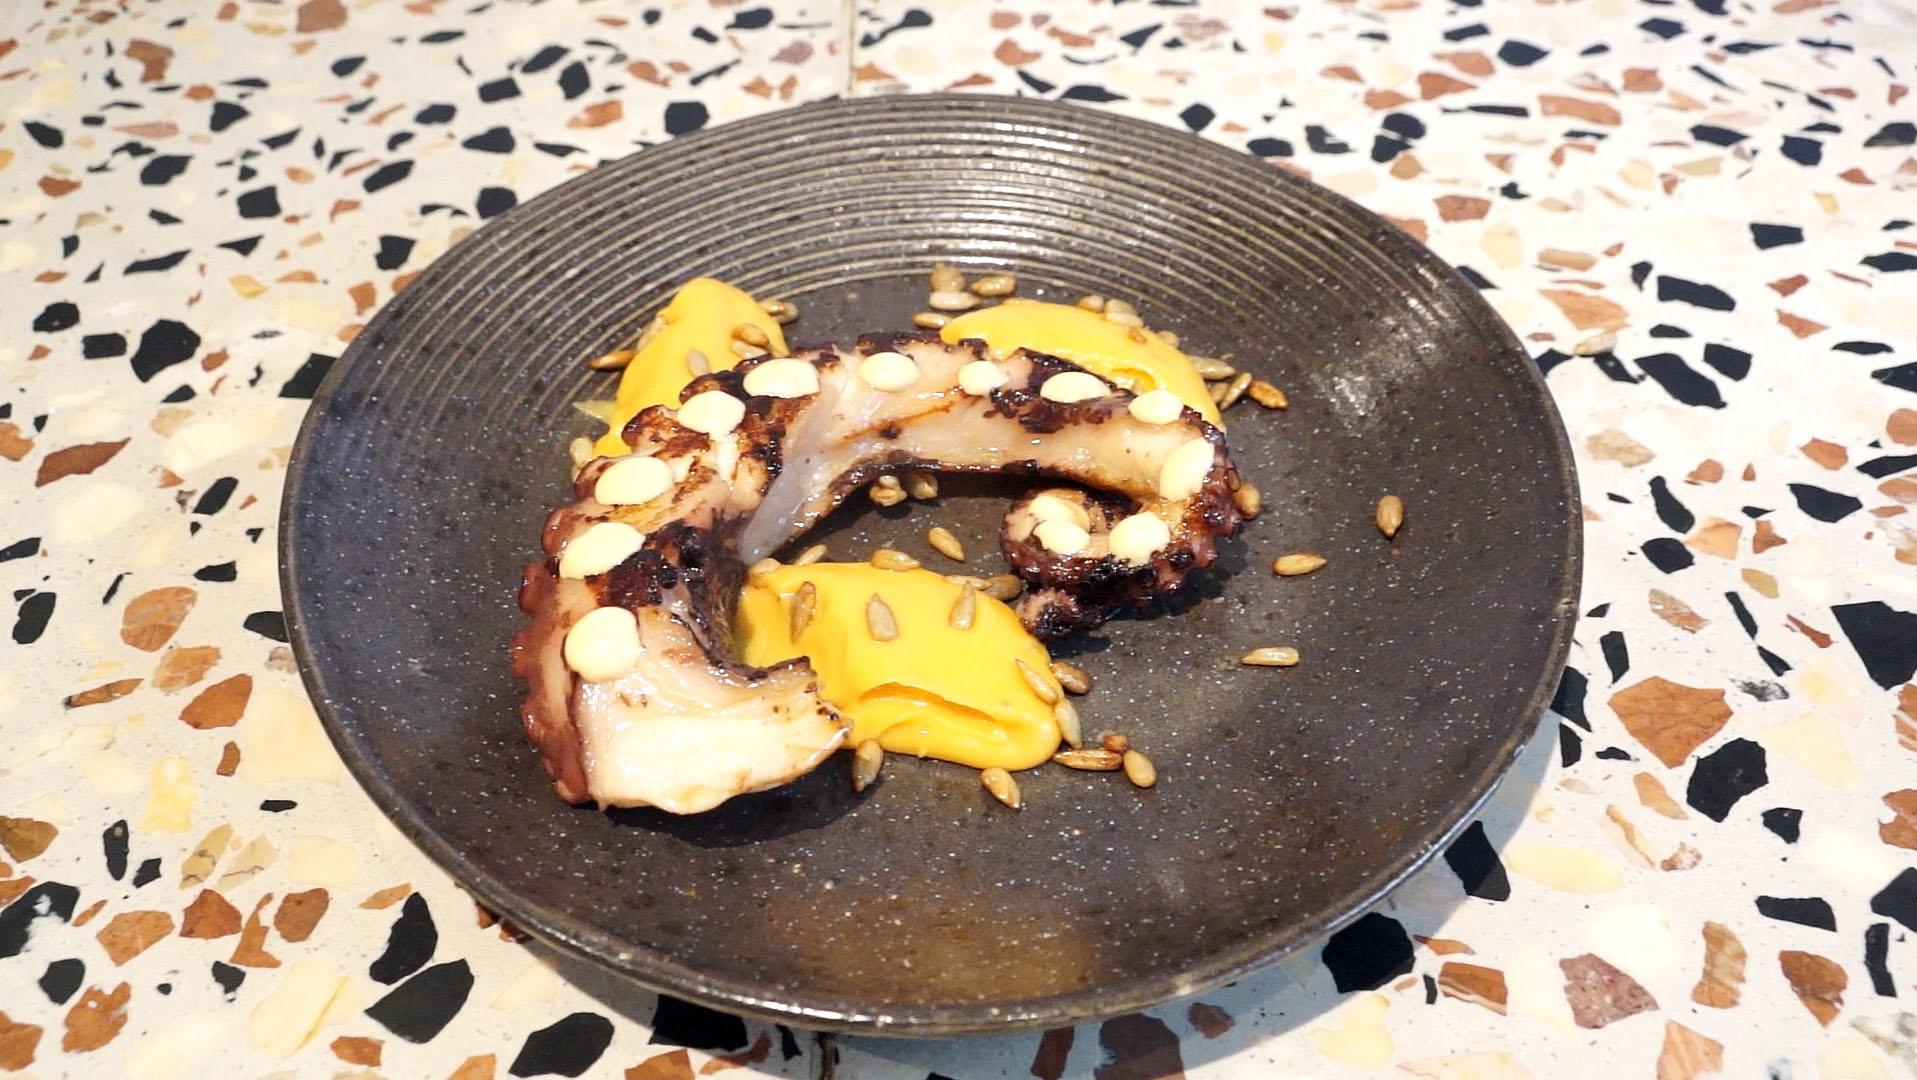 On Barcelona: El pulpo con 'kimchi' de 'El Sifó d'en Garriga'.